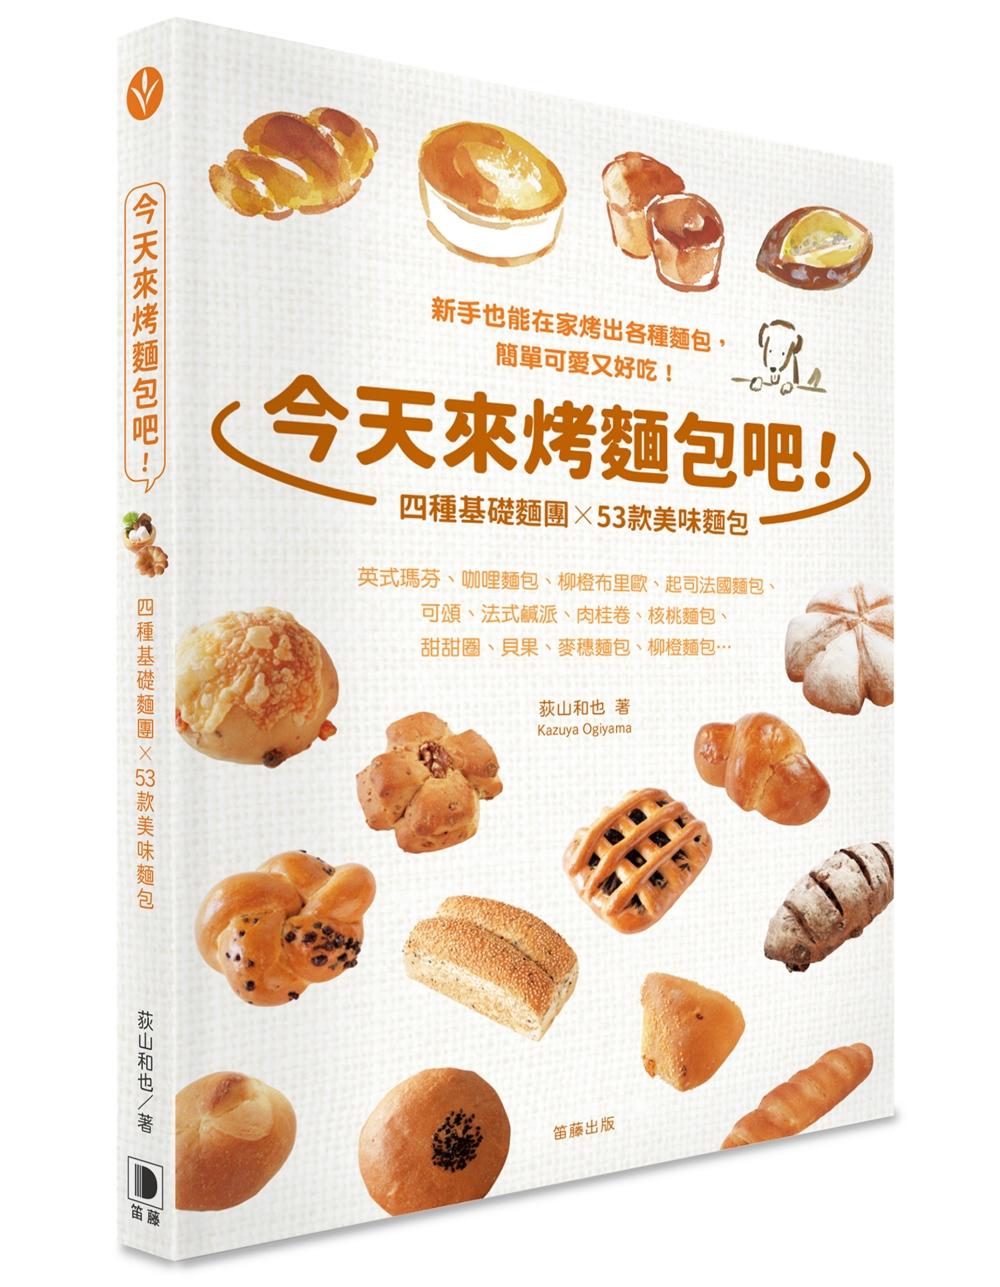 今天來烤麵包吧!4種基礎麵糰╳53款美味麵包